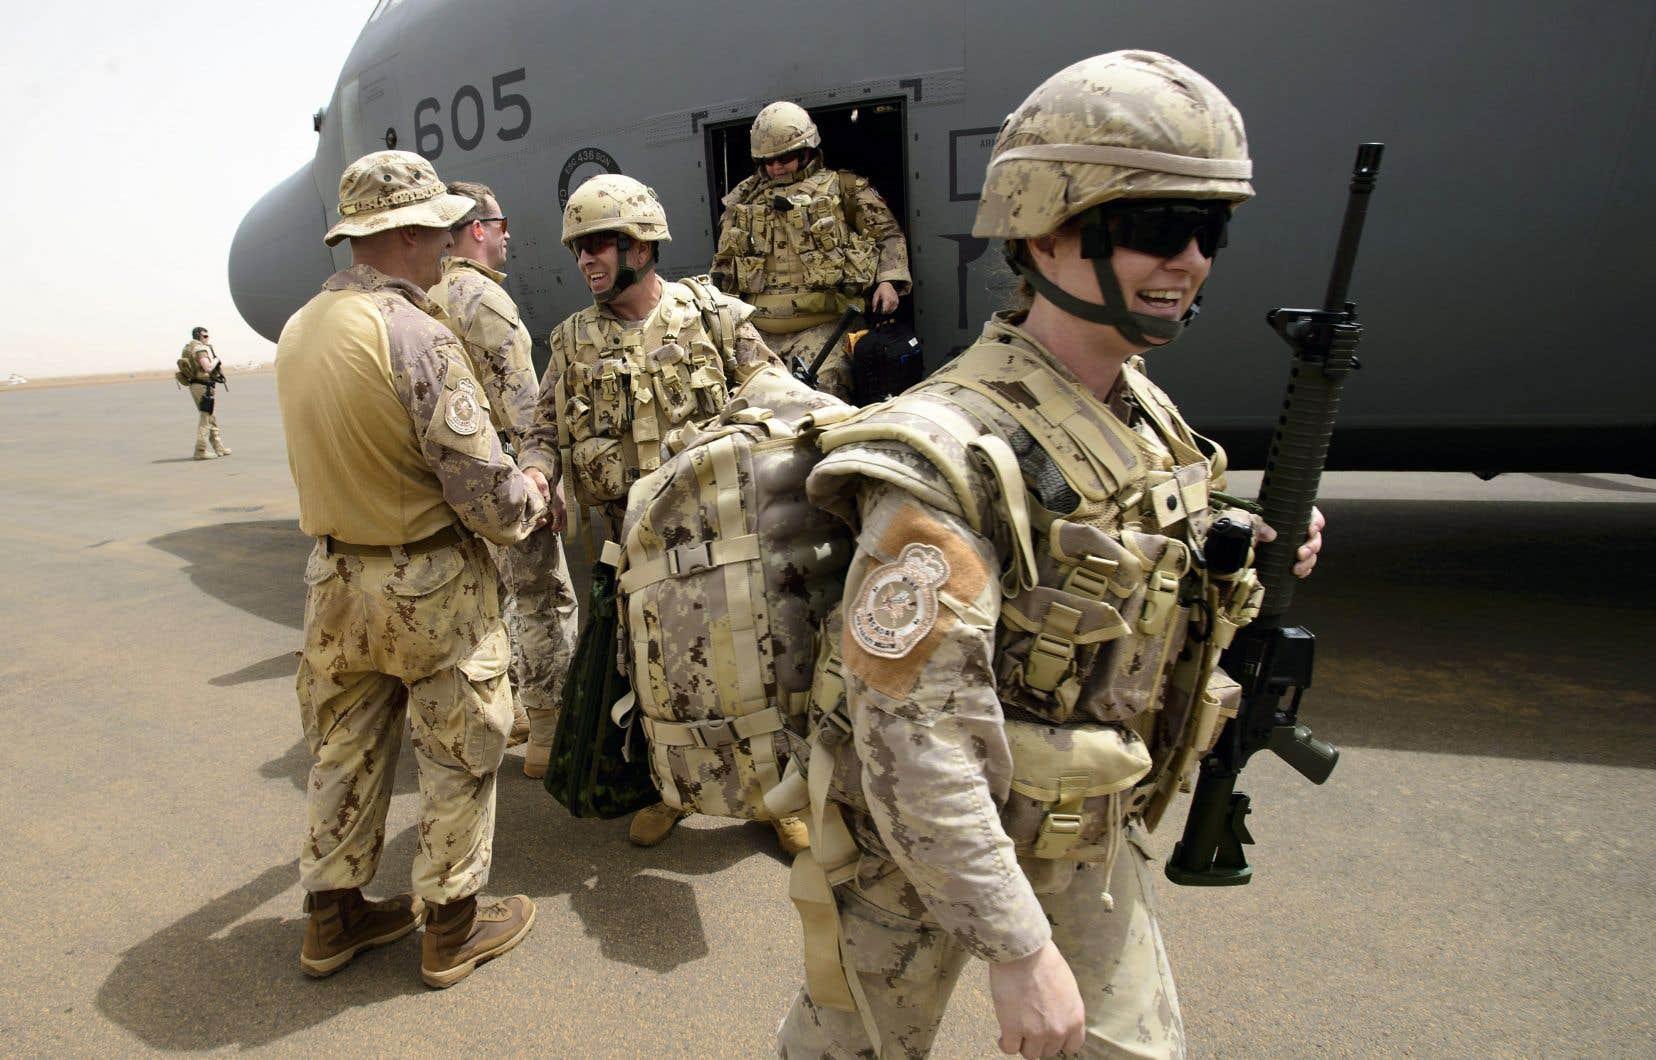 Les troupes de la mission de paix canadienne au Mali sont arrivées lundi à la base de l'ONU, à Gao.